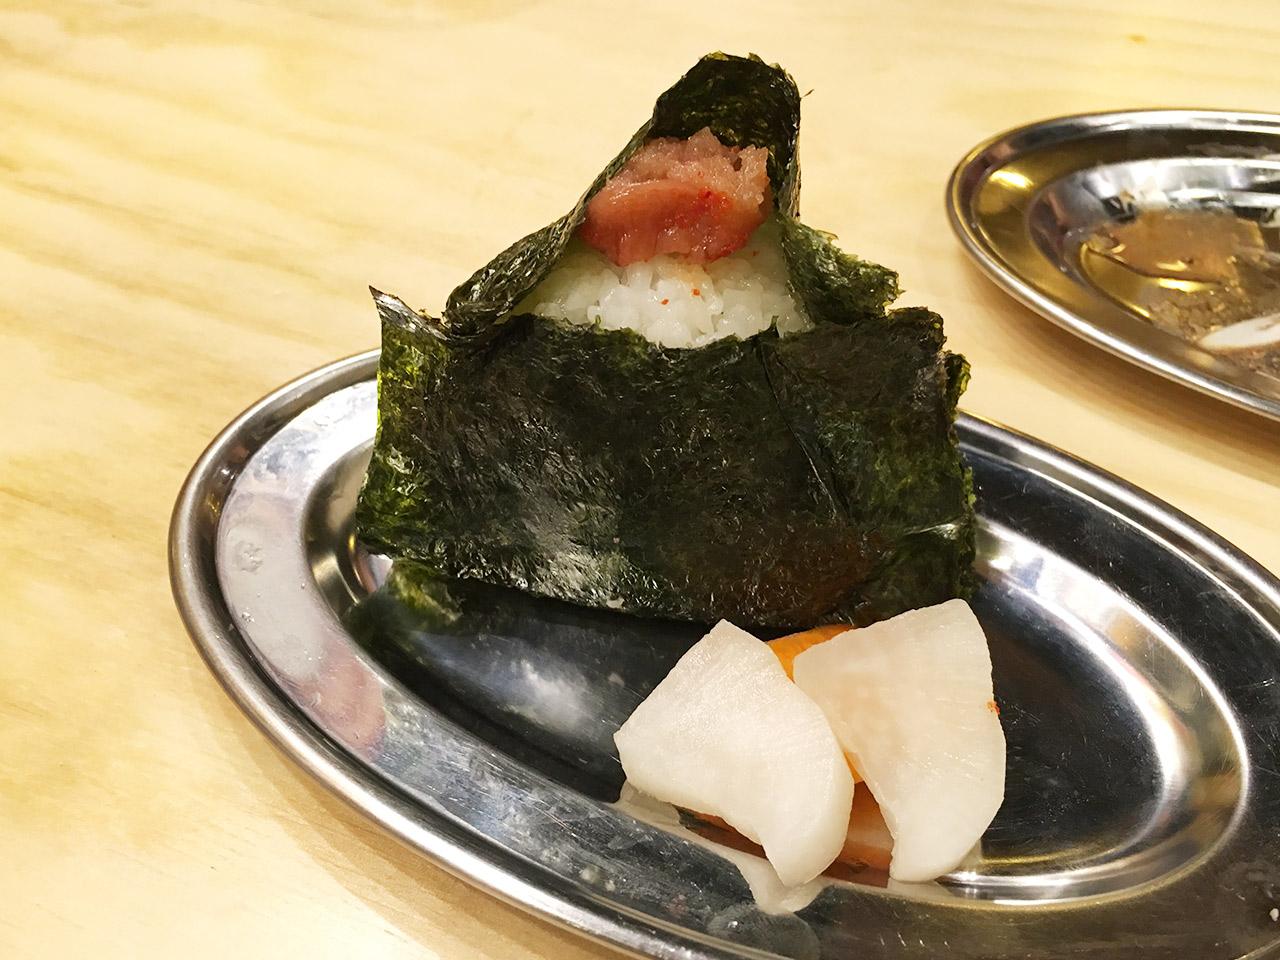 tachikawa-shokuniku-yokocho-otafuku-03